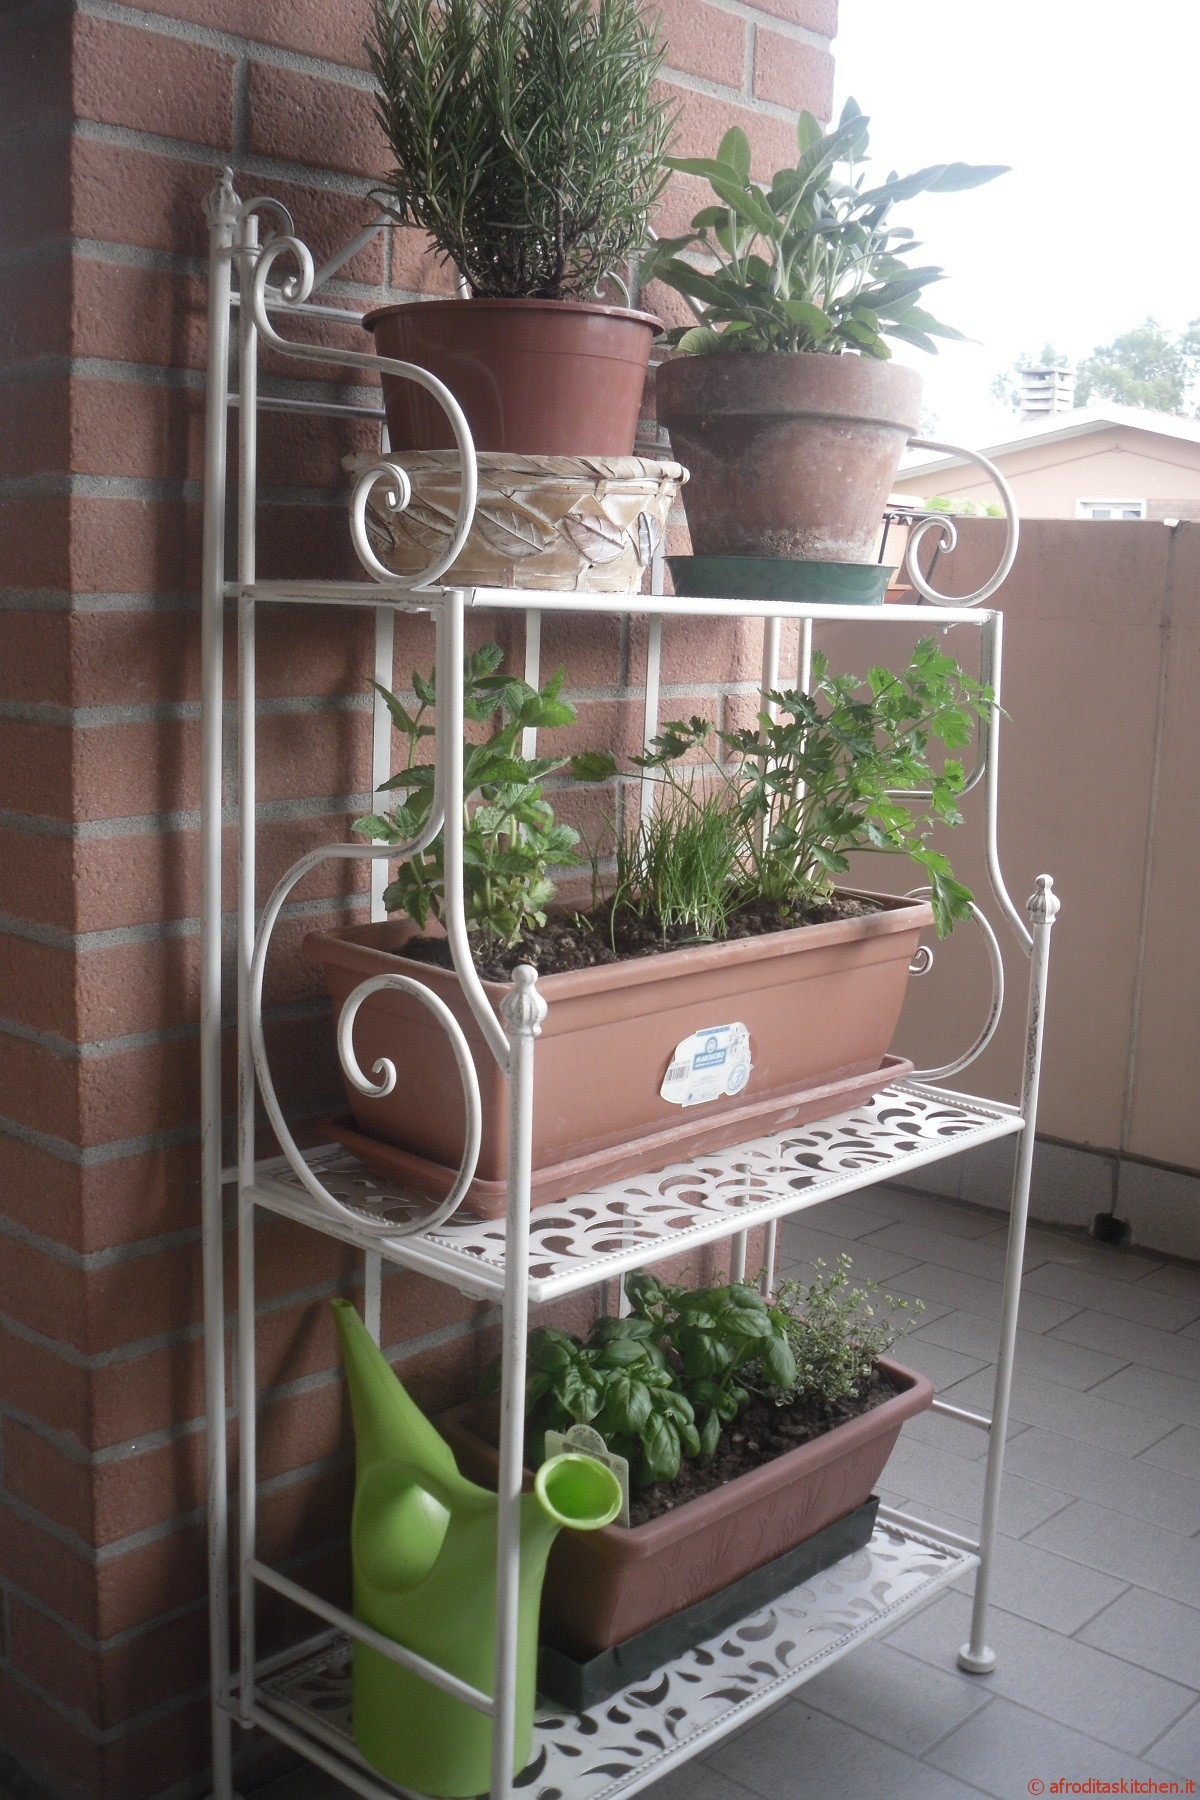 Ortensie Sul Balcone : Le piante aromatiche come coltivarle sul balcone